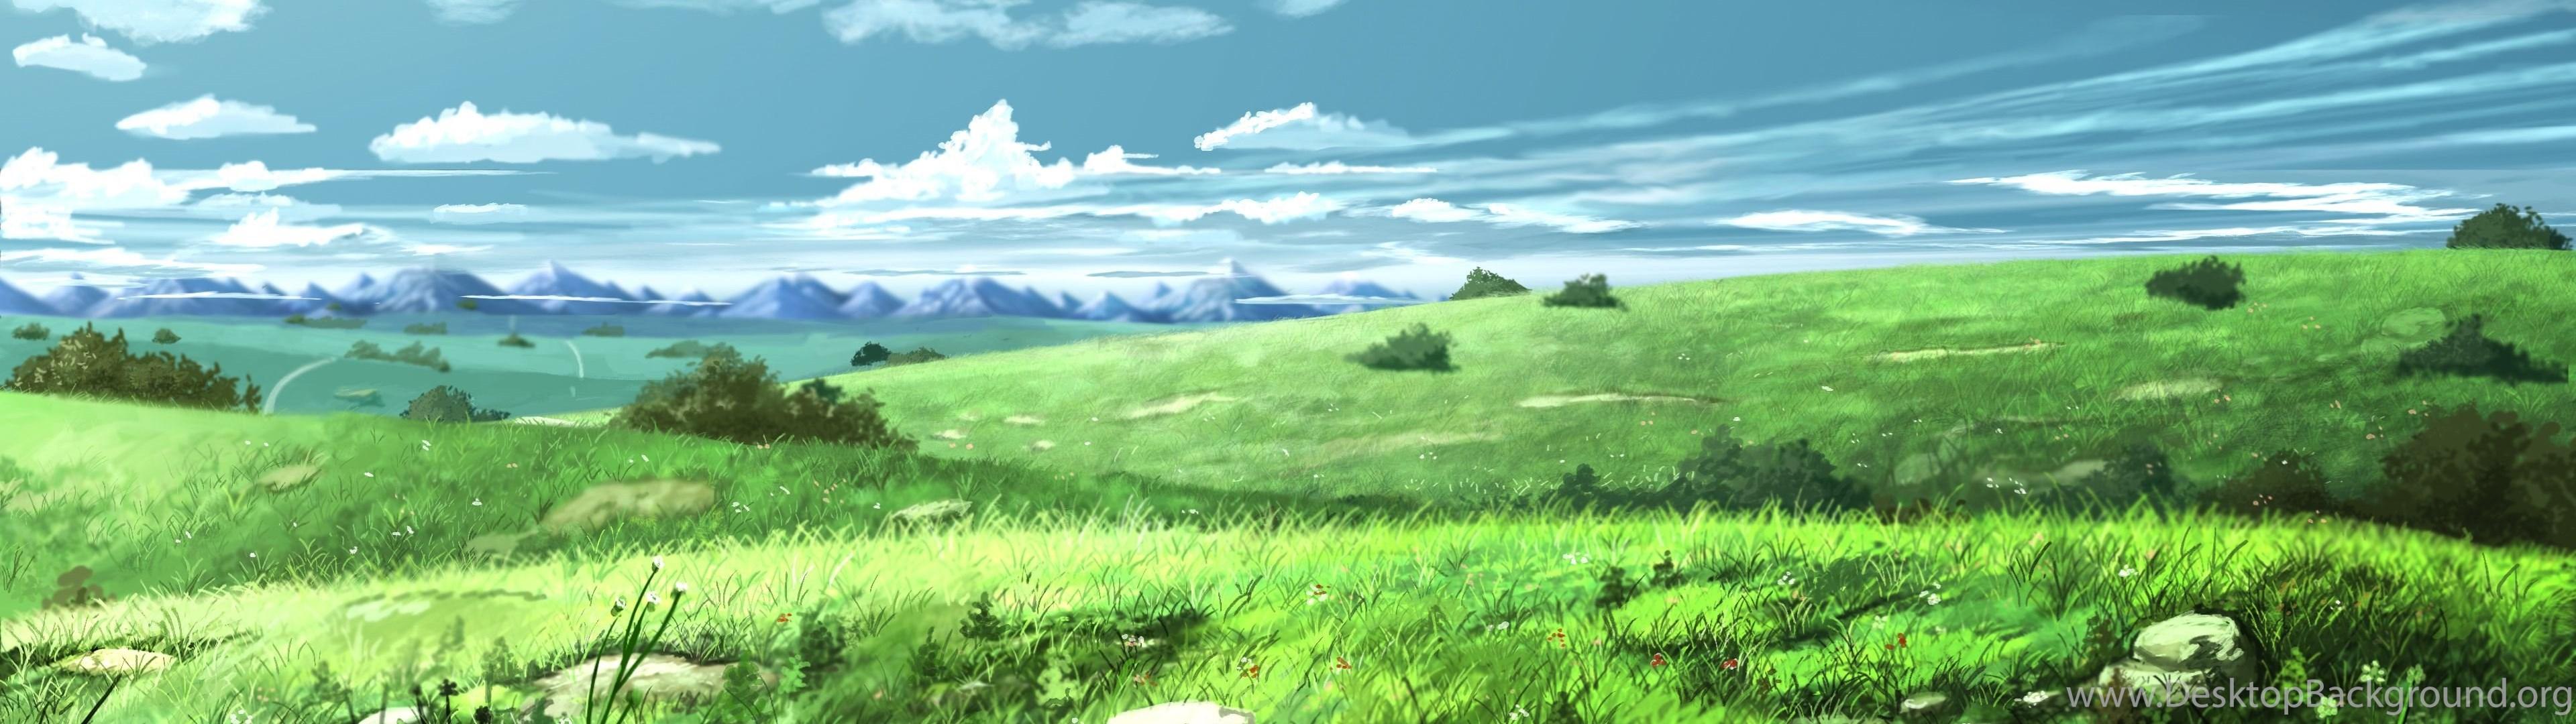 anime landscape wallpapers desktop background